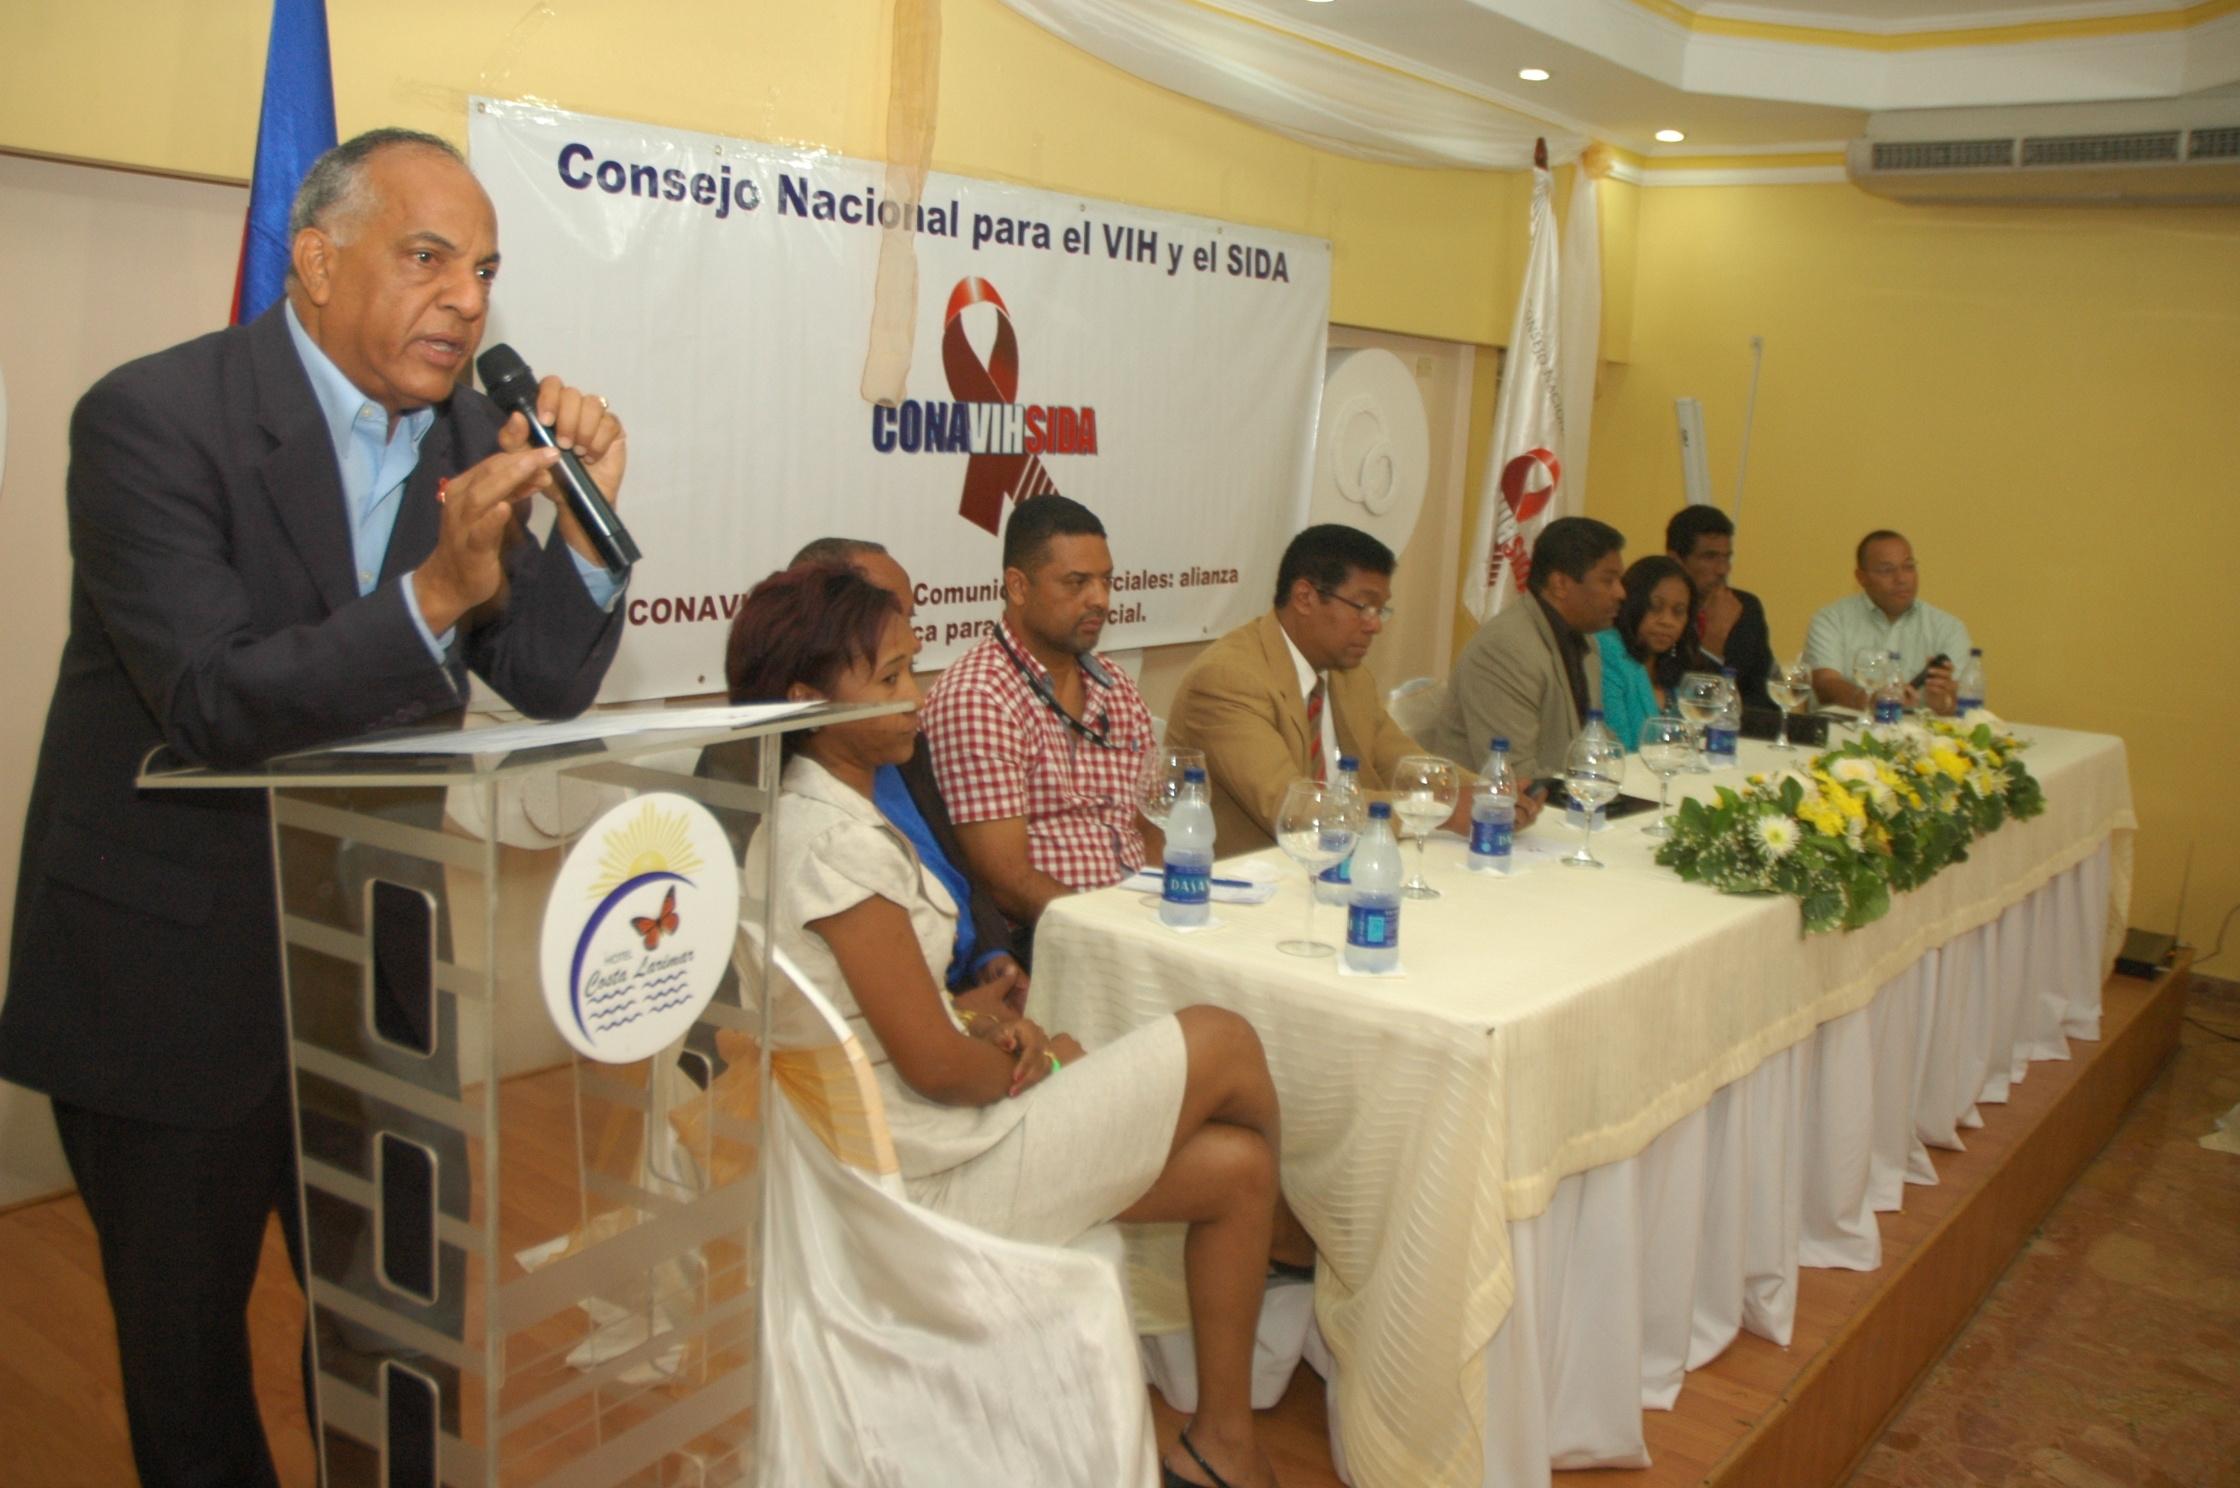 CONAVIHSIDA reclama mejor trato pacientes de VIH en hospitales